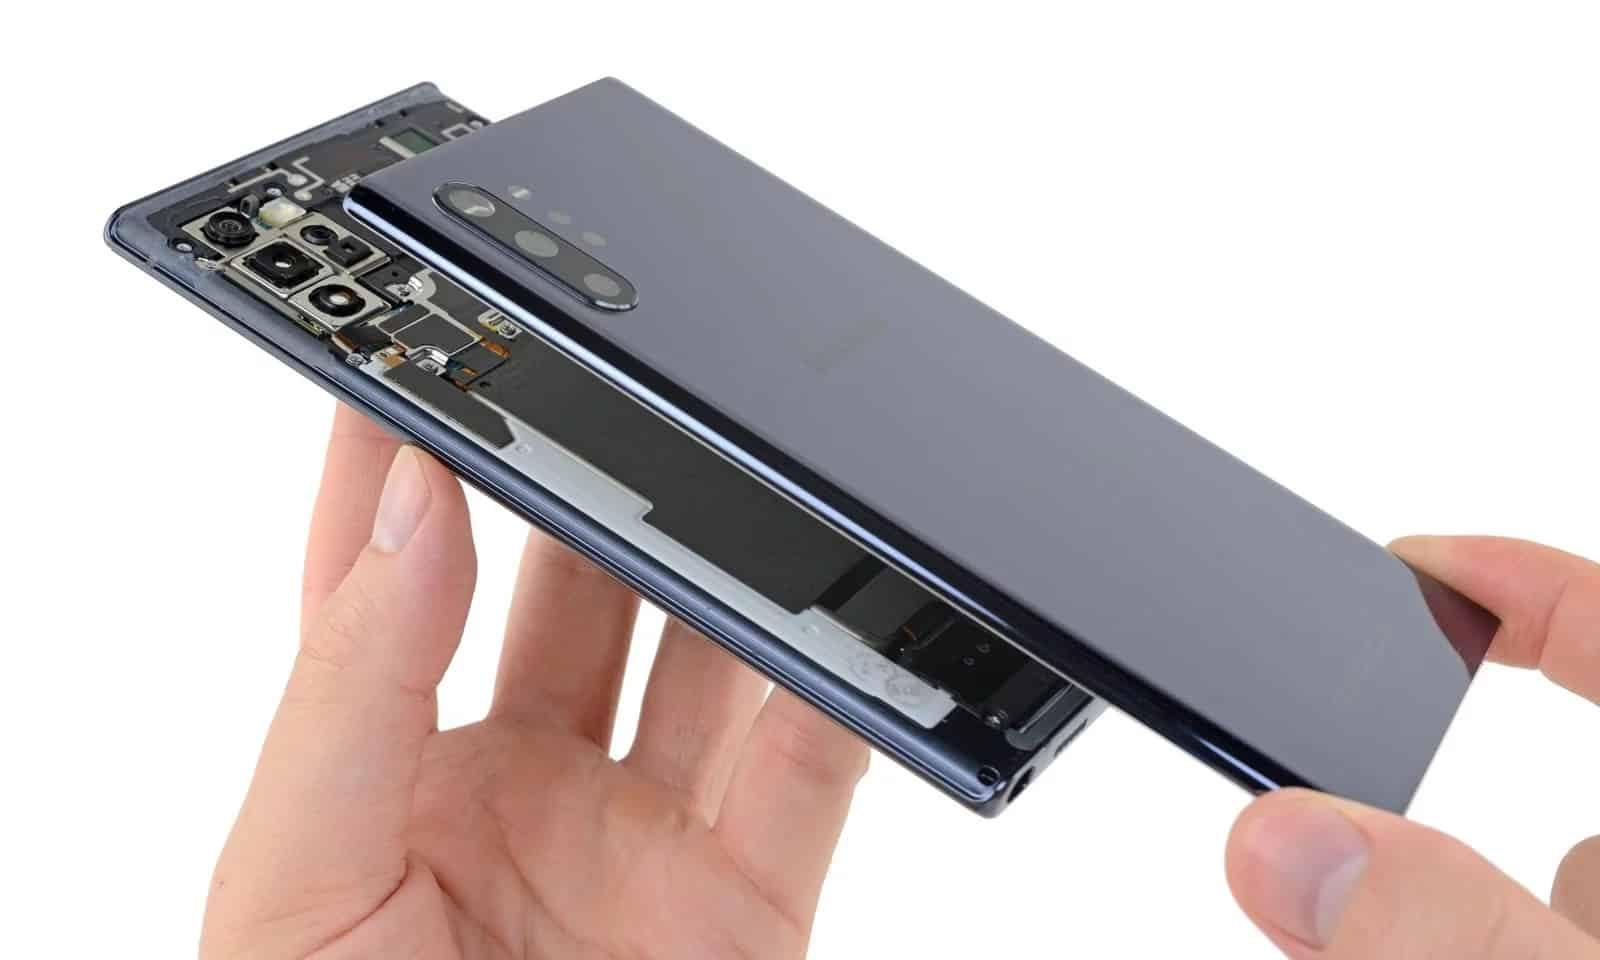 لا تسقط Galaxy Note  10+! من الصعب جدا إصلاح! 1